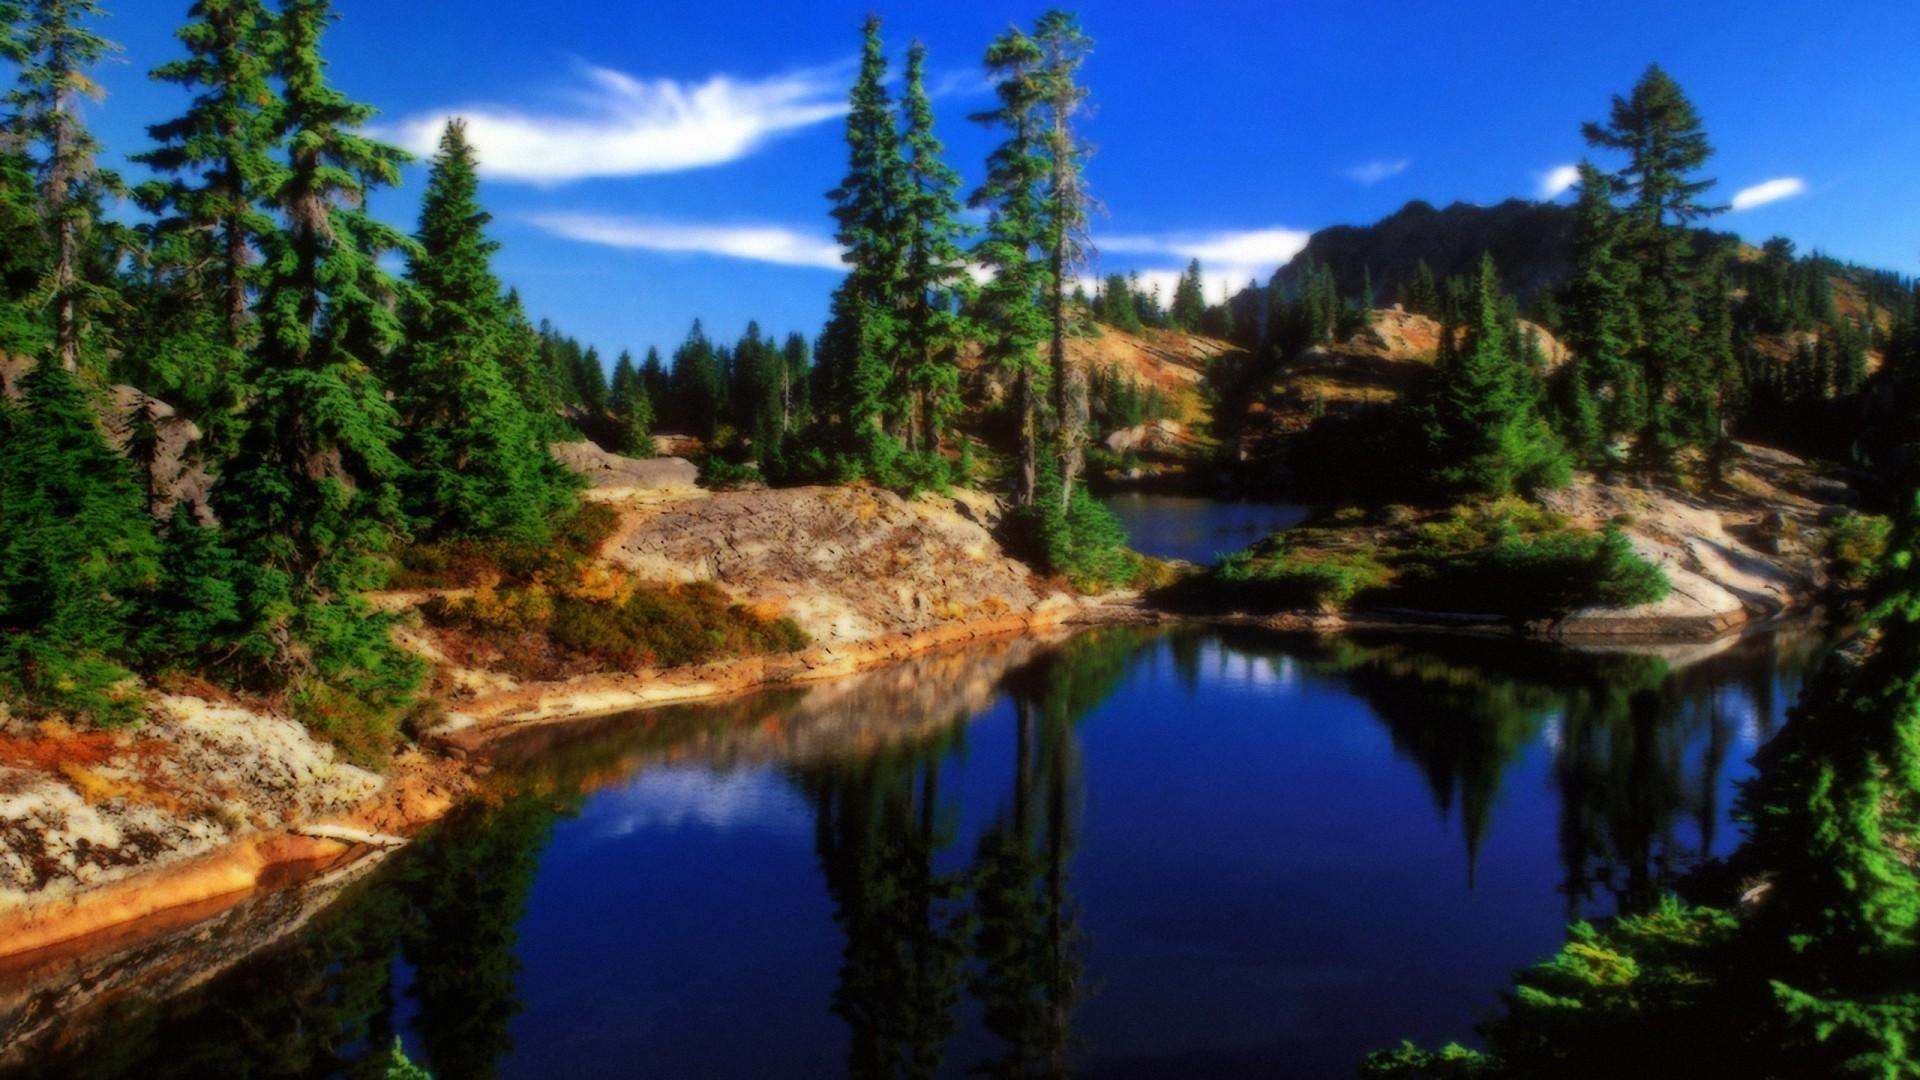 Vừa rồi là bộ sưu tập những hình ảnh phong cảnh thiên nhiên đẹp nhất, chất lượng HD sắc nét nhất mà chúng tôi gửi tặng đến bạn, những người yêu thiên ...